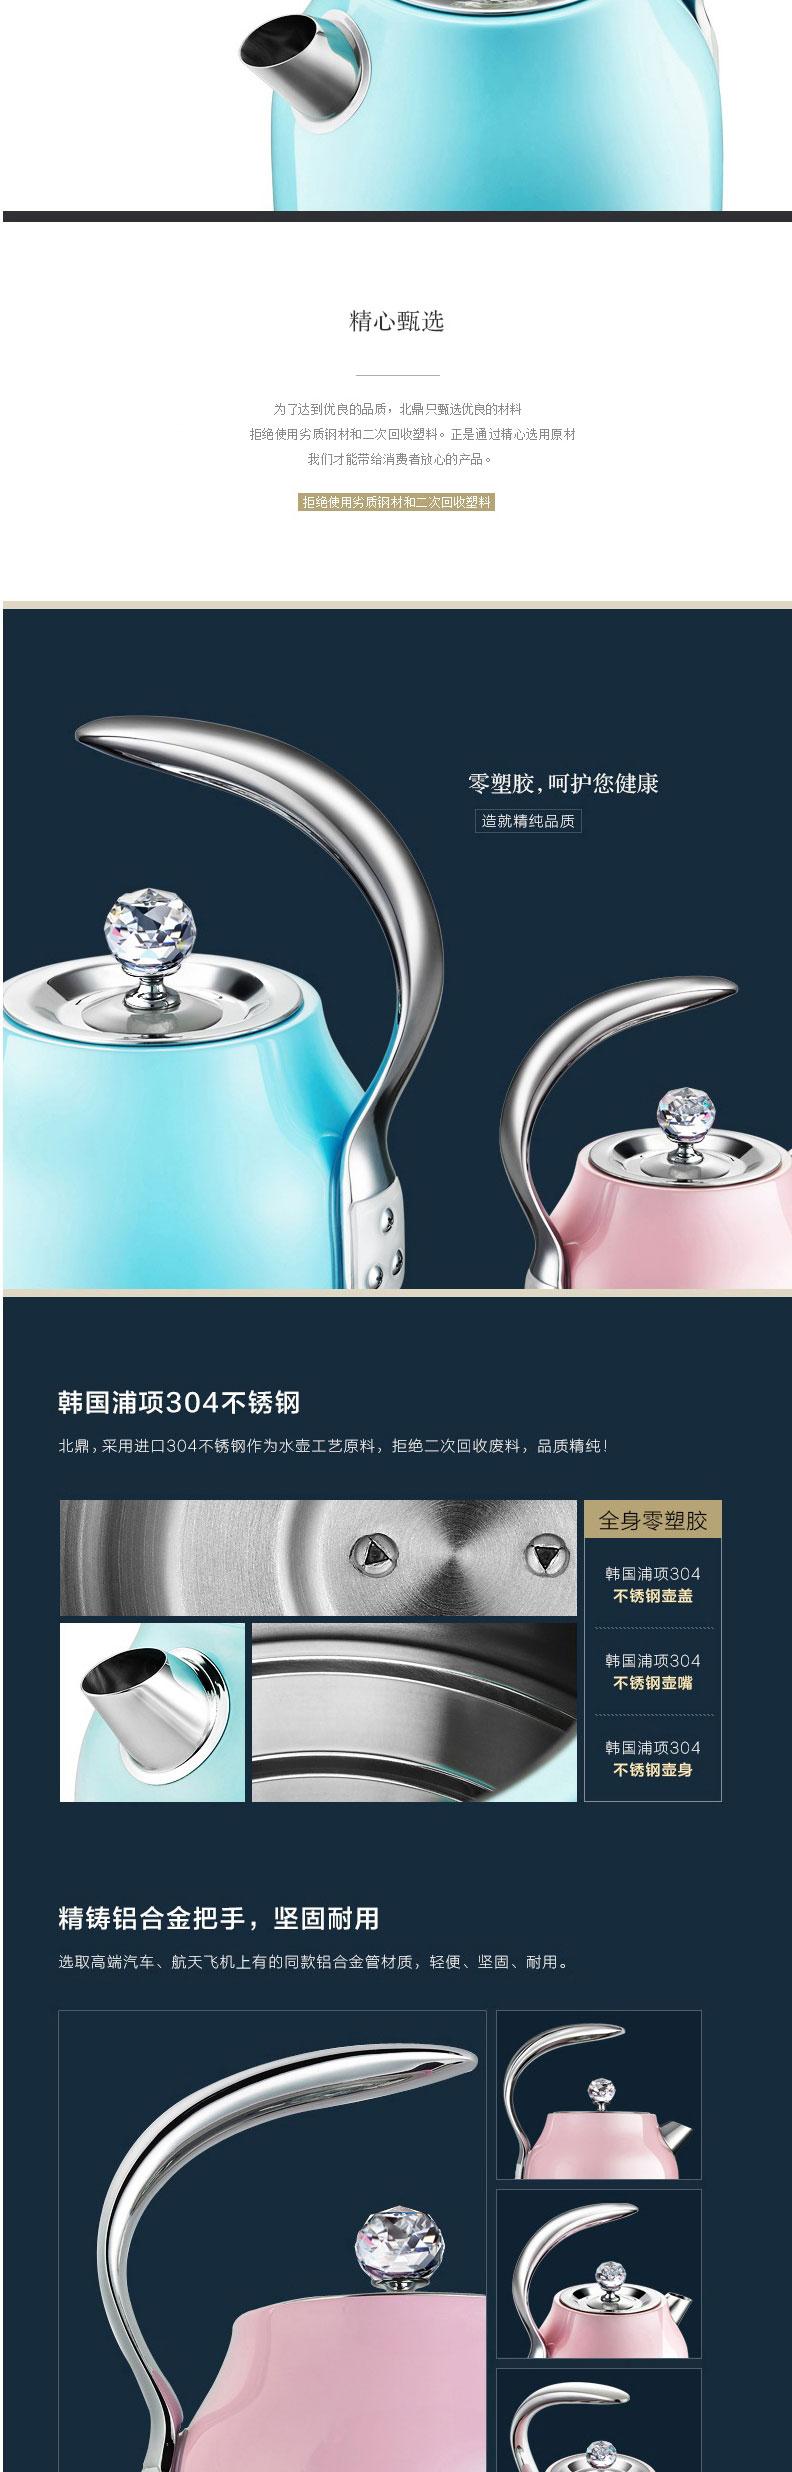 北鼎K206电水壶详情图_05.jpg